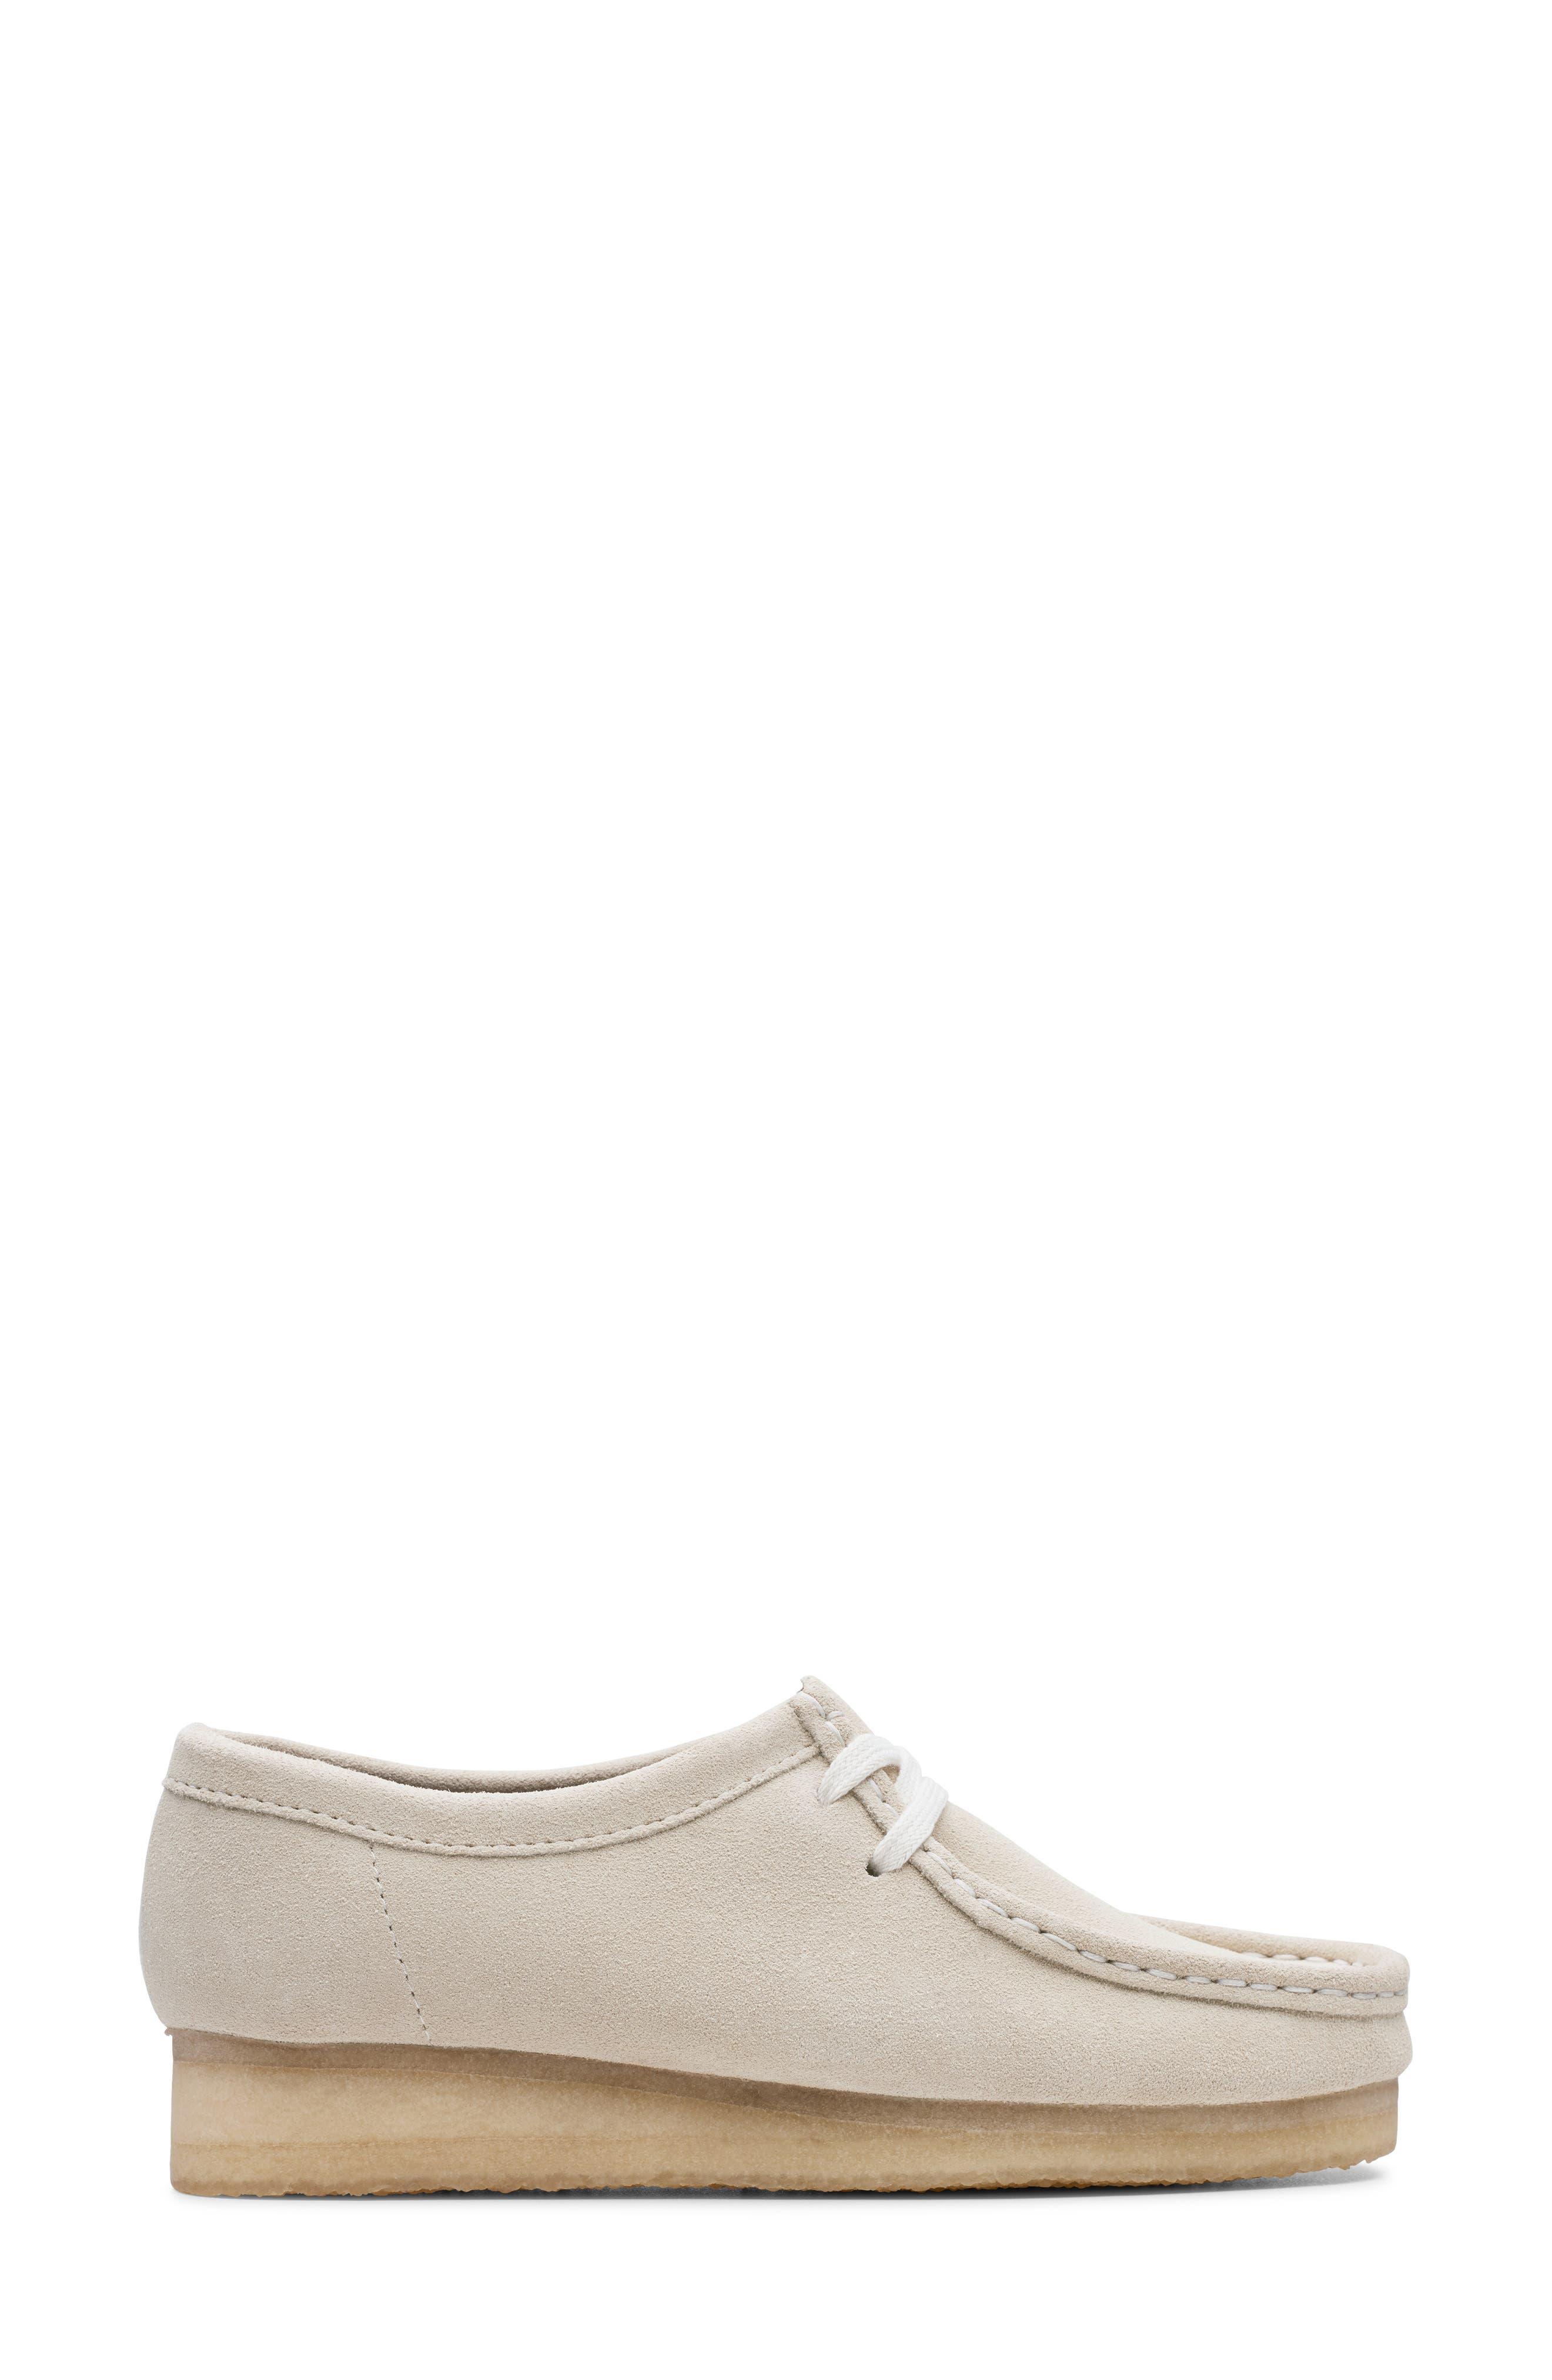 275c8020fe953 Women's Comfort Boots | Nordstrom